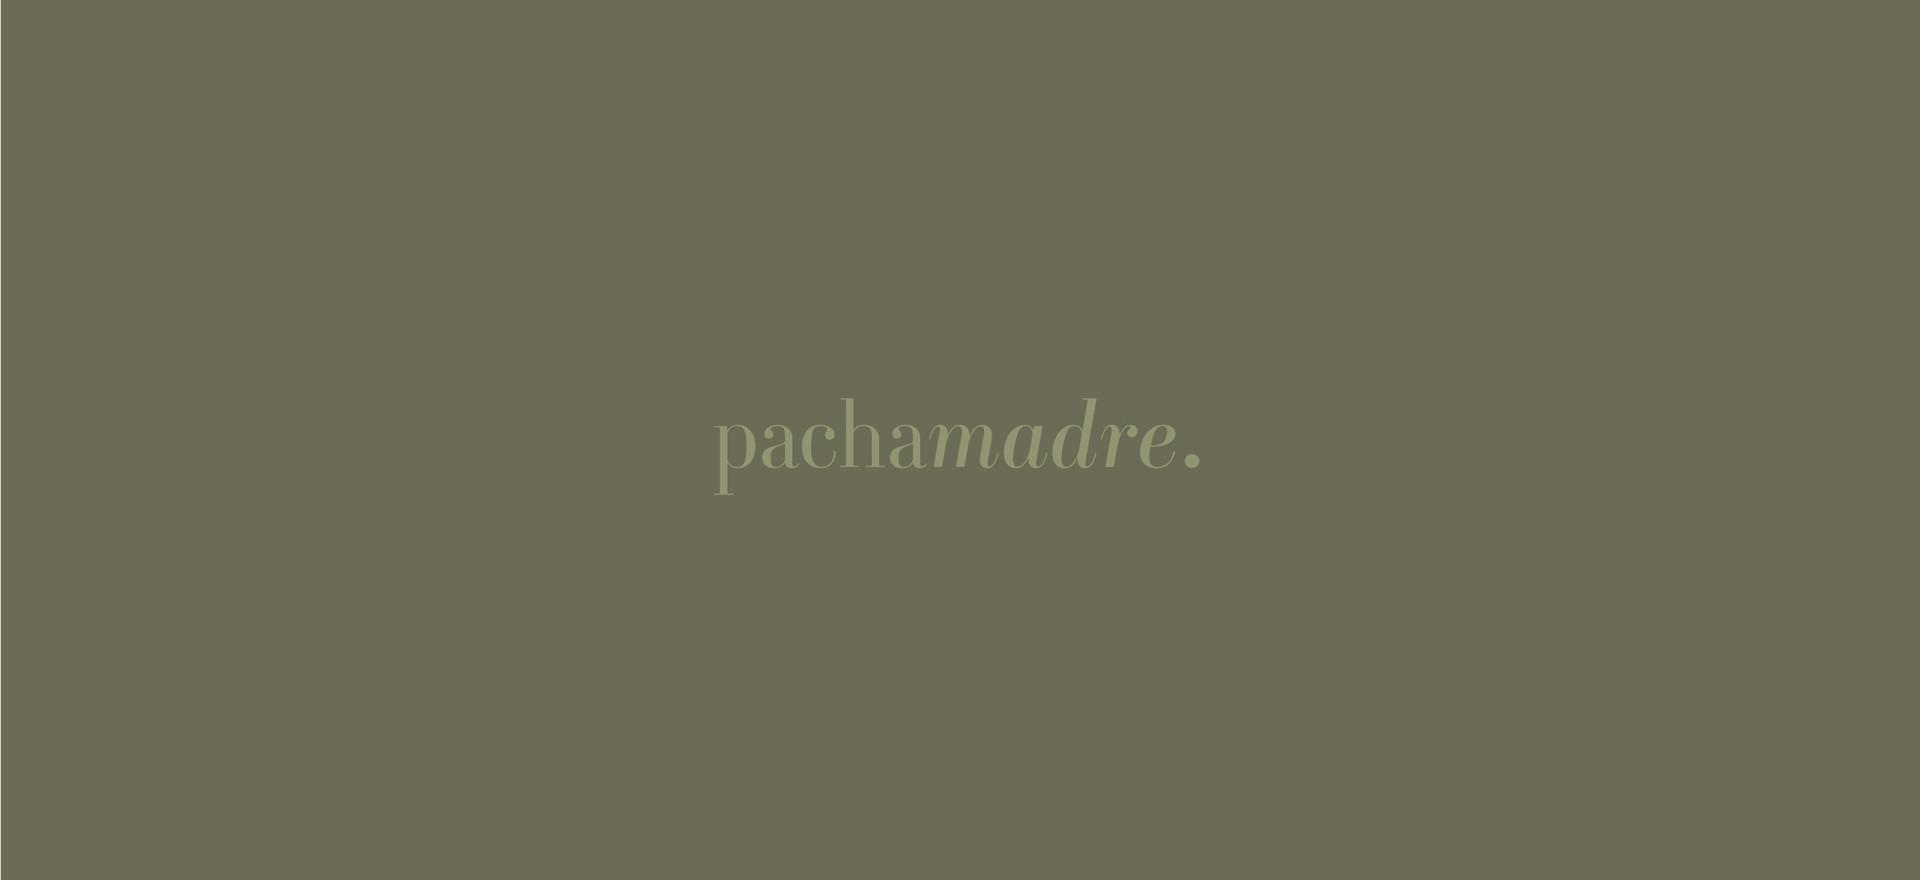 Pachamadre